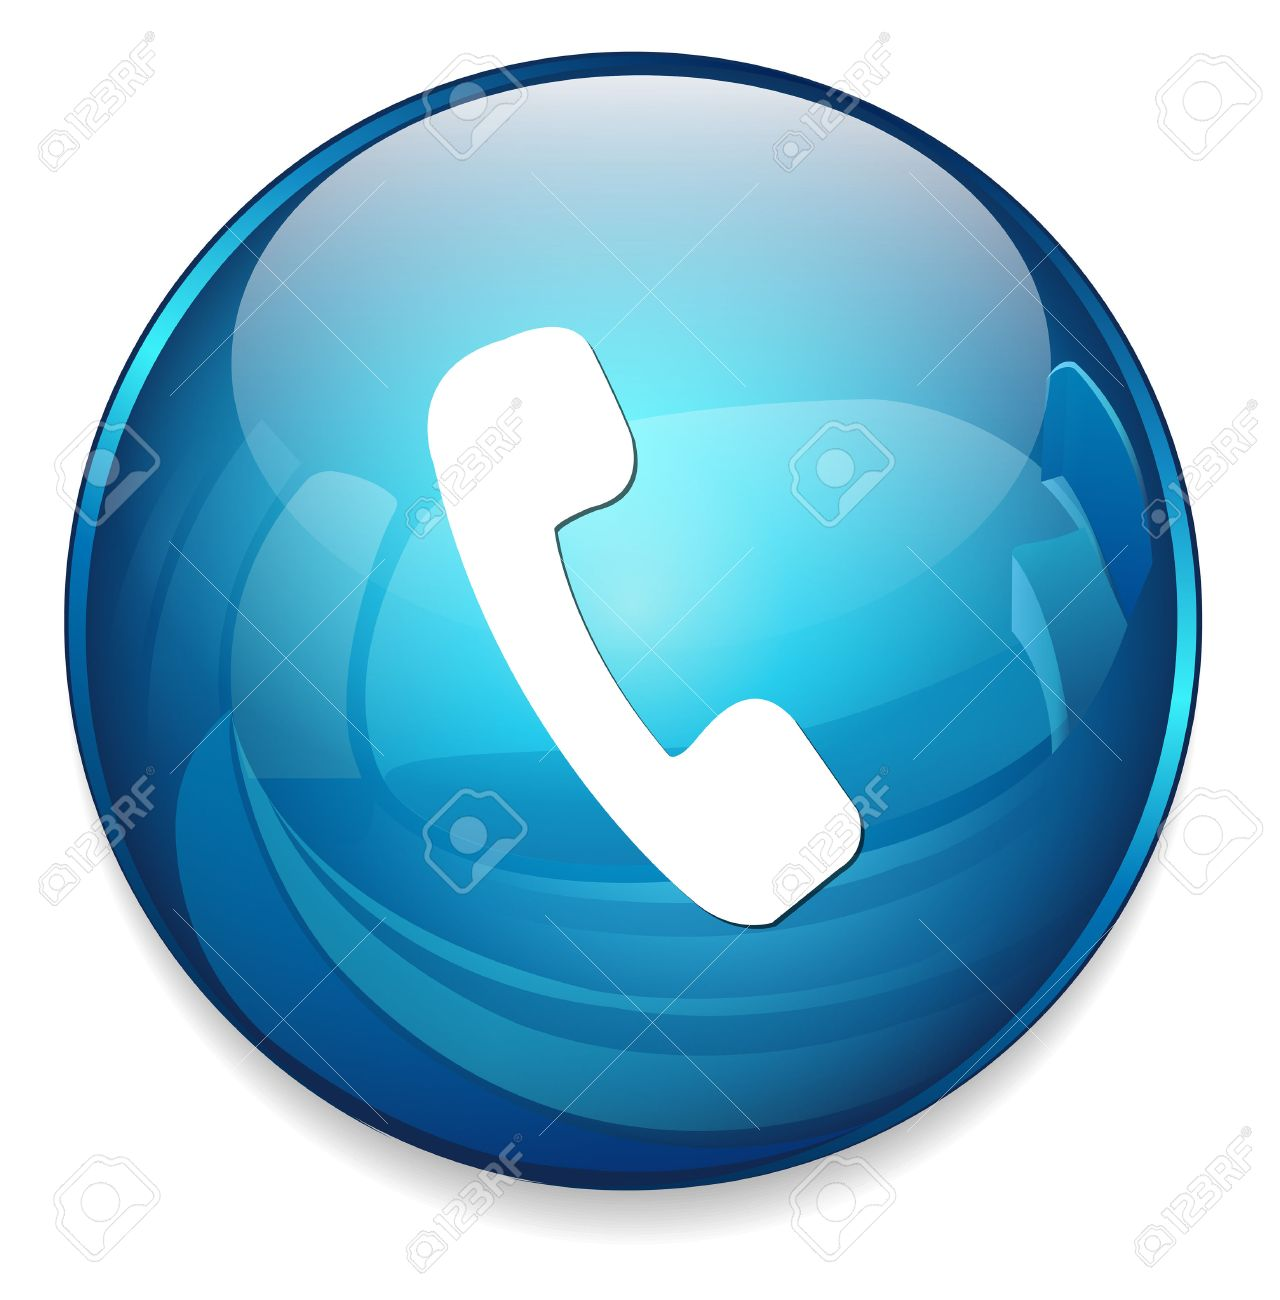 phone icon - 41451407